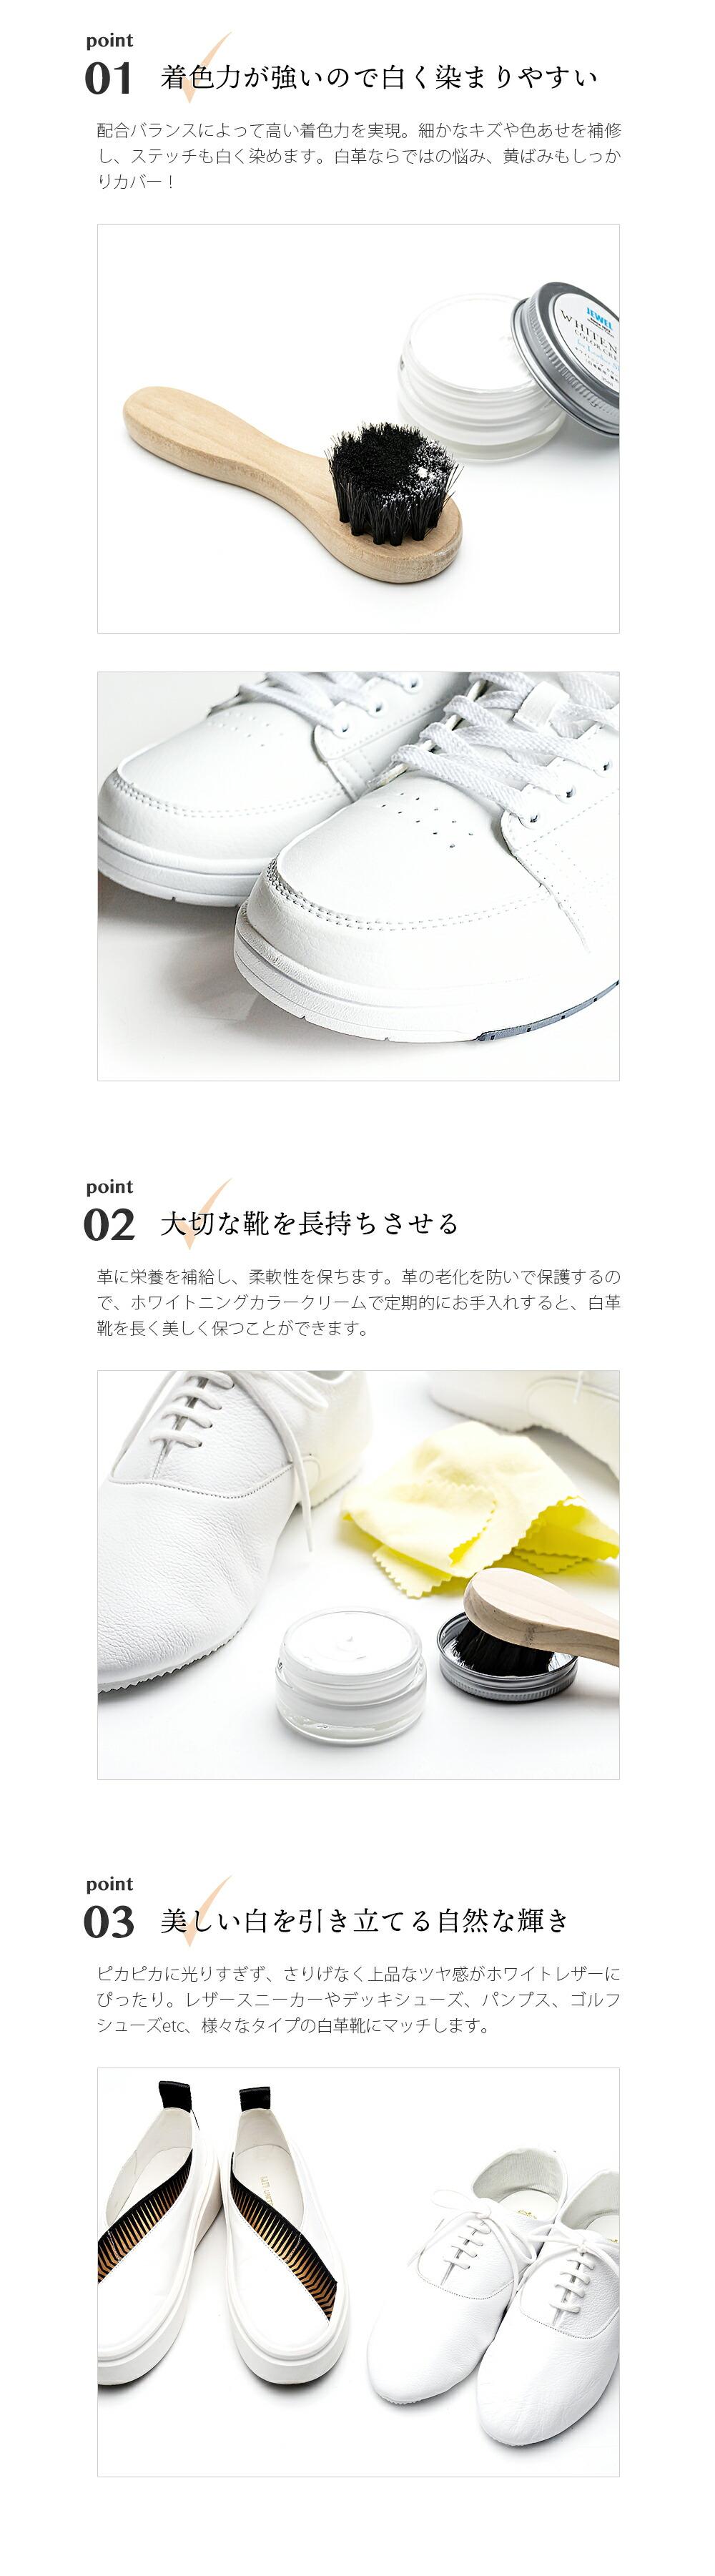 着色力・カバー力が高い 大切な靴を長持ちさせる 美しい白を引き立てる自然な輝き